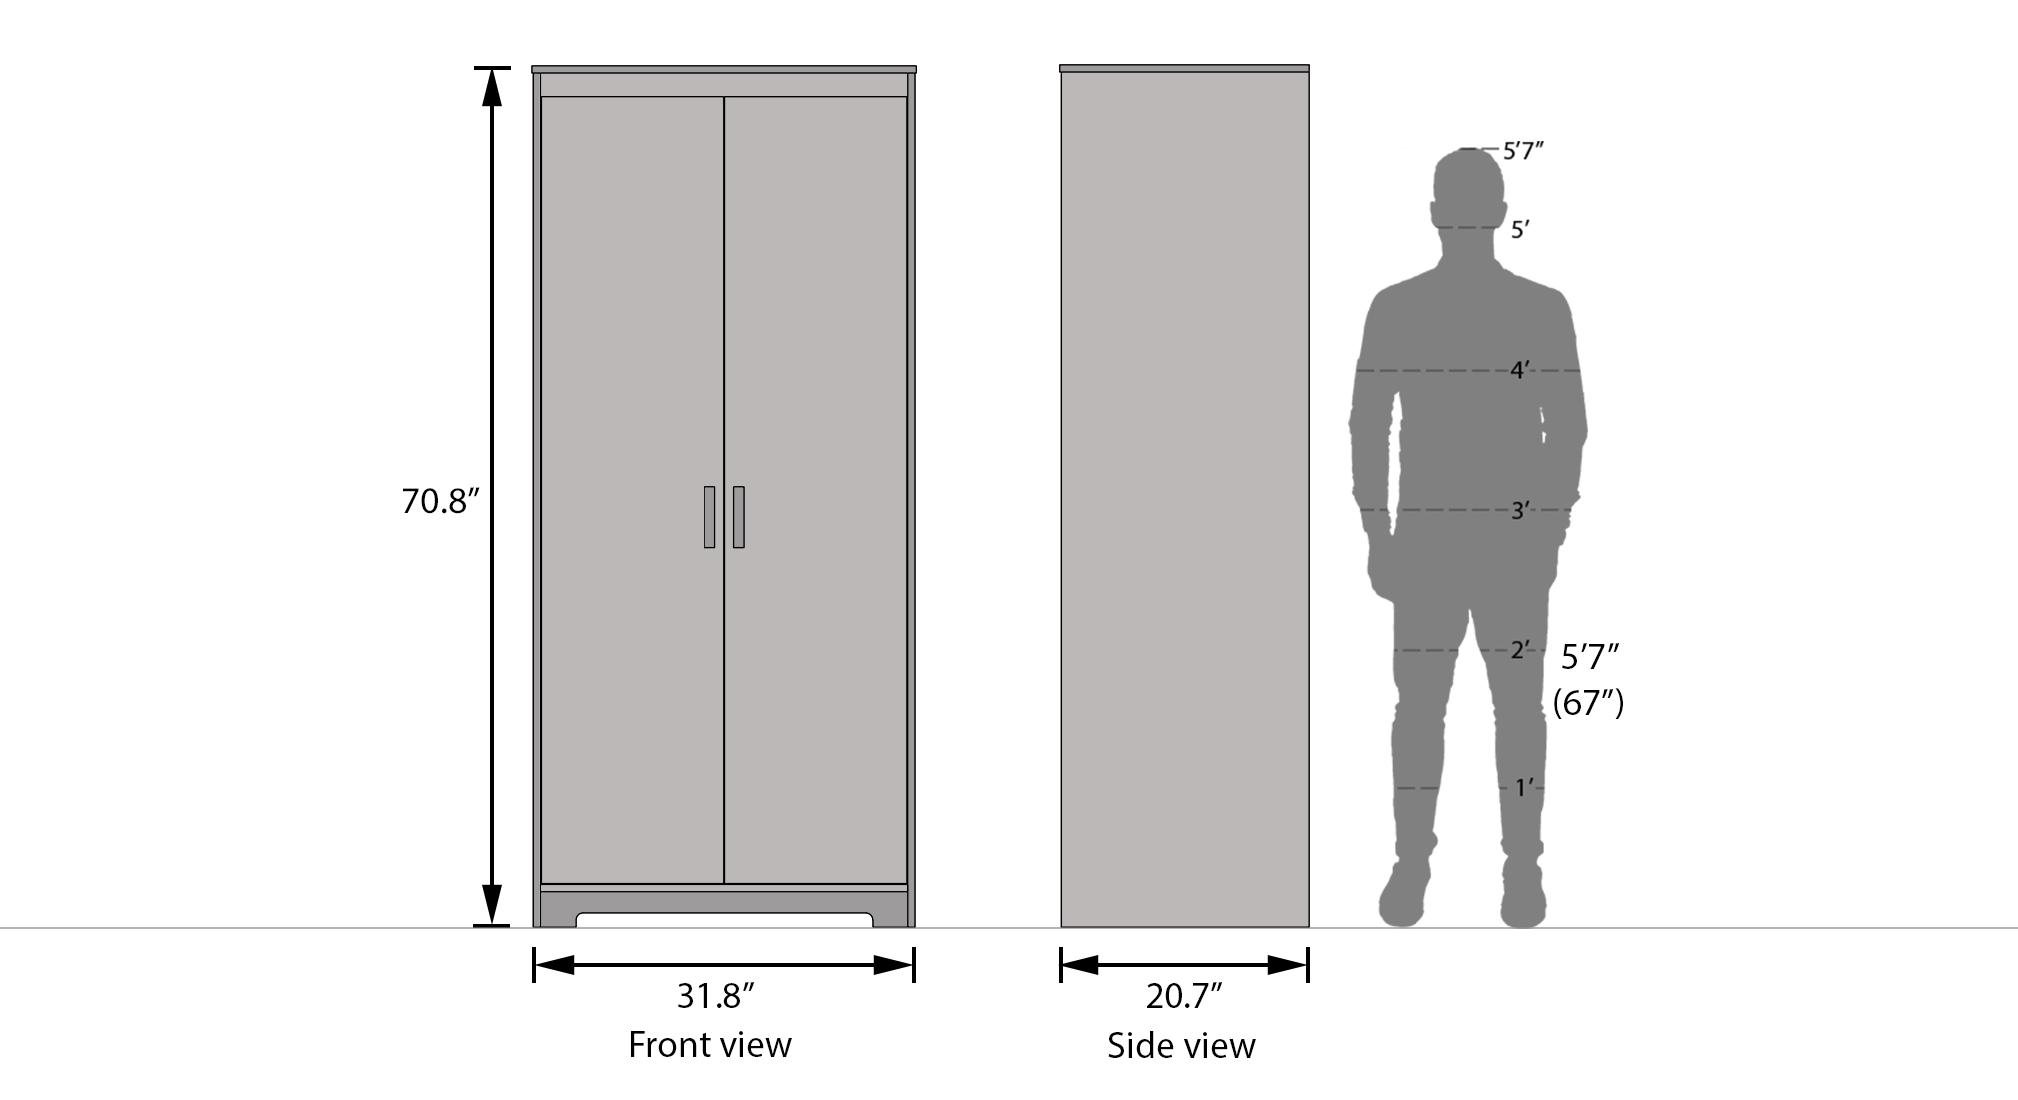 Hilton 2 door wardrobe dimensions 2